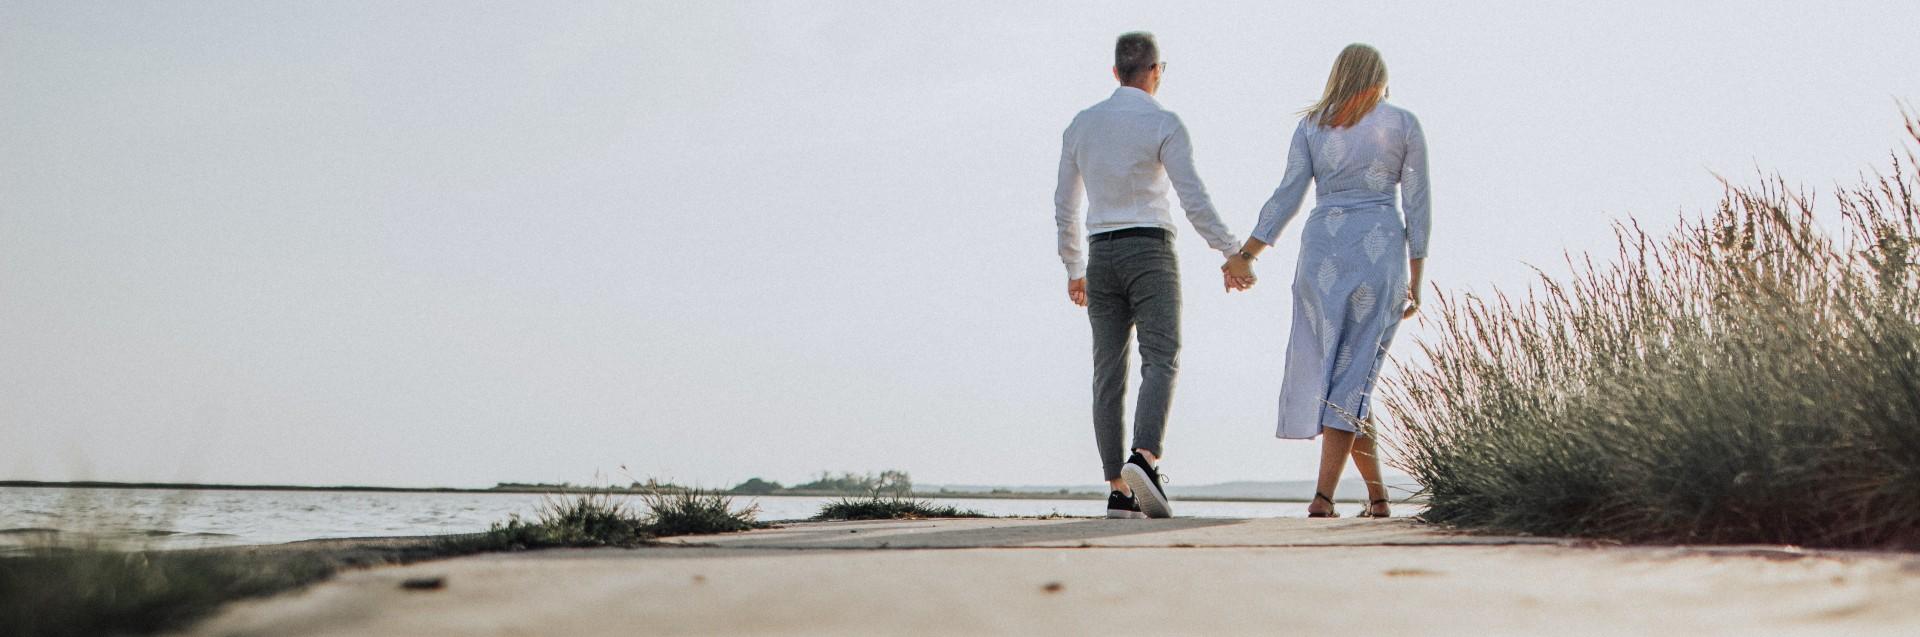 Et par som går tur på stranden (Foto: Unsplash)